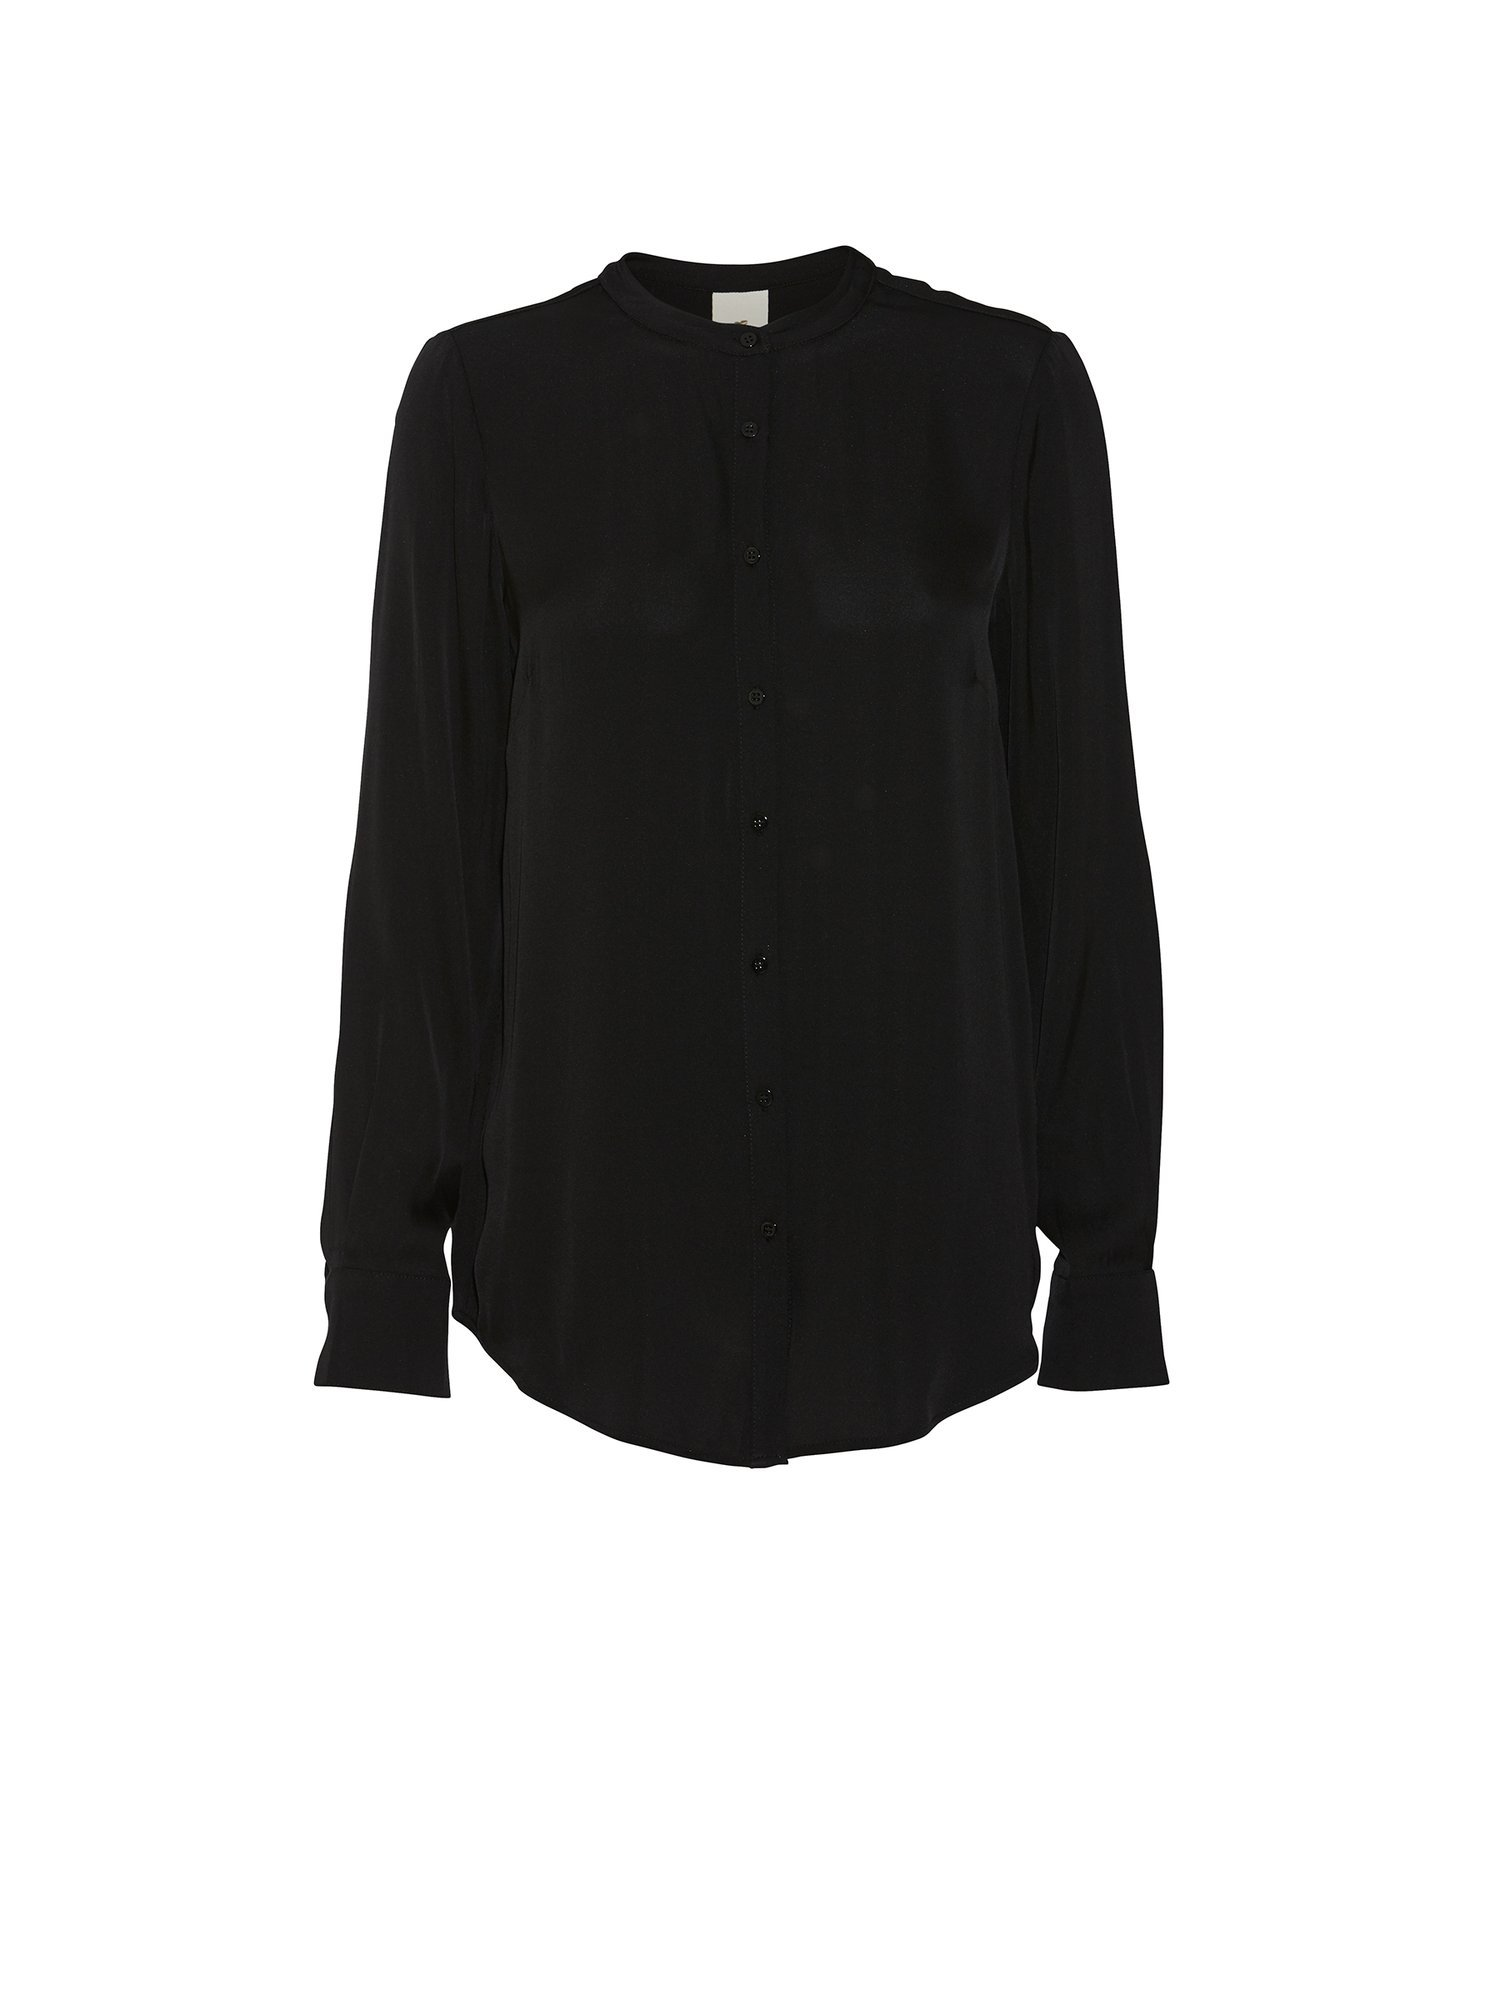 Heartmade/Julie Fagerholt Maple Shirt Black 900